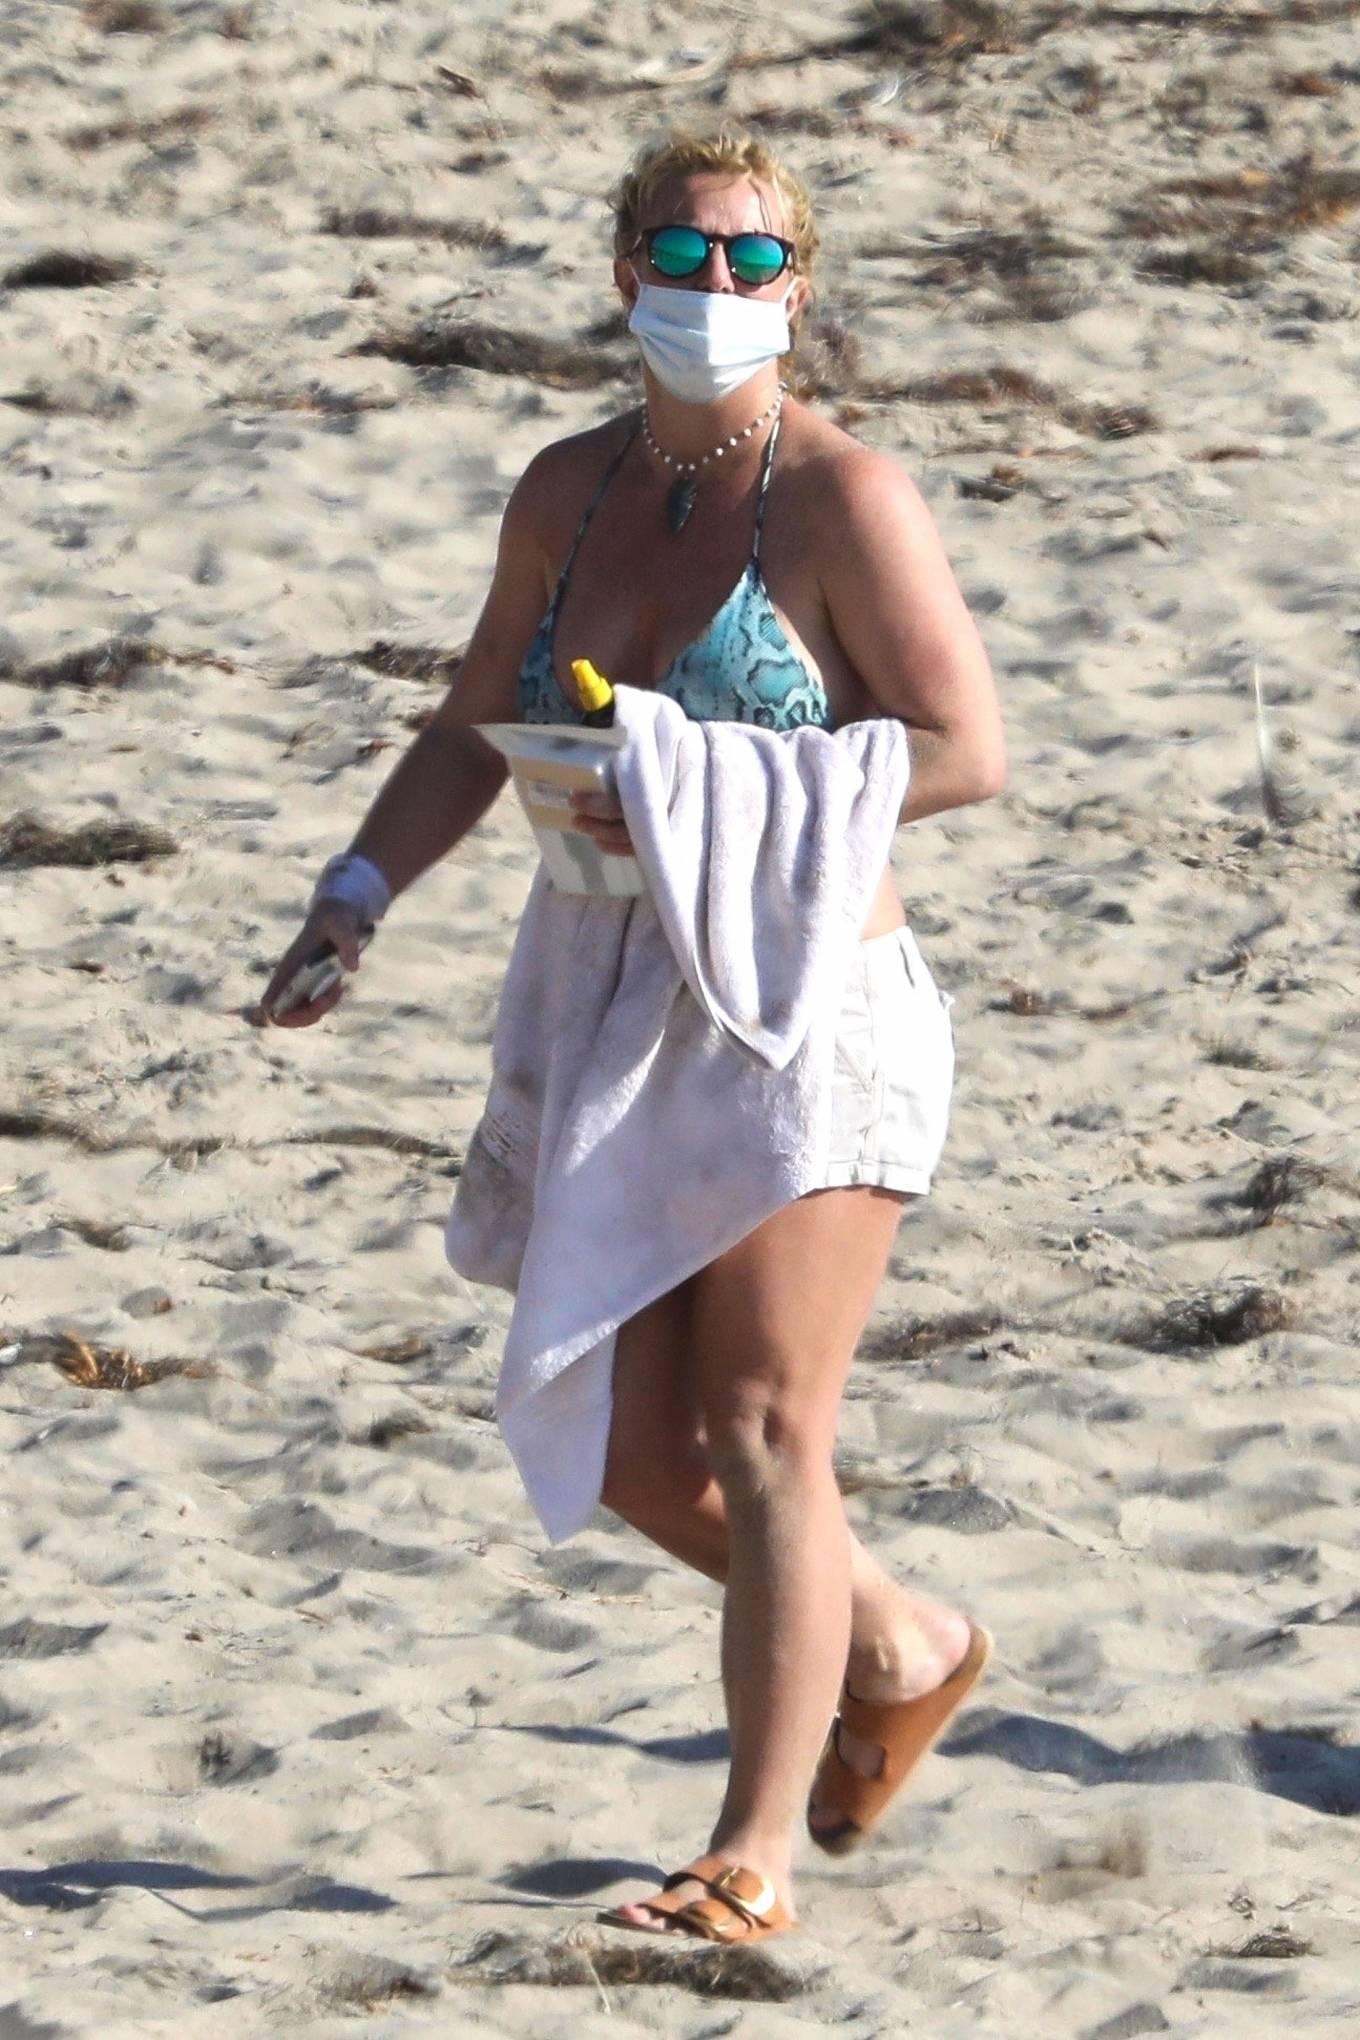 Uncategorized 2020 : Britney Spears – In Bikini at a Beach in Malibu-07